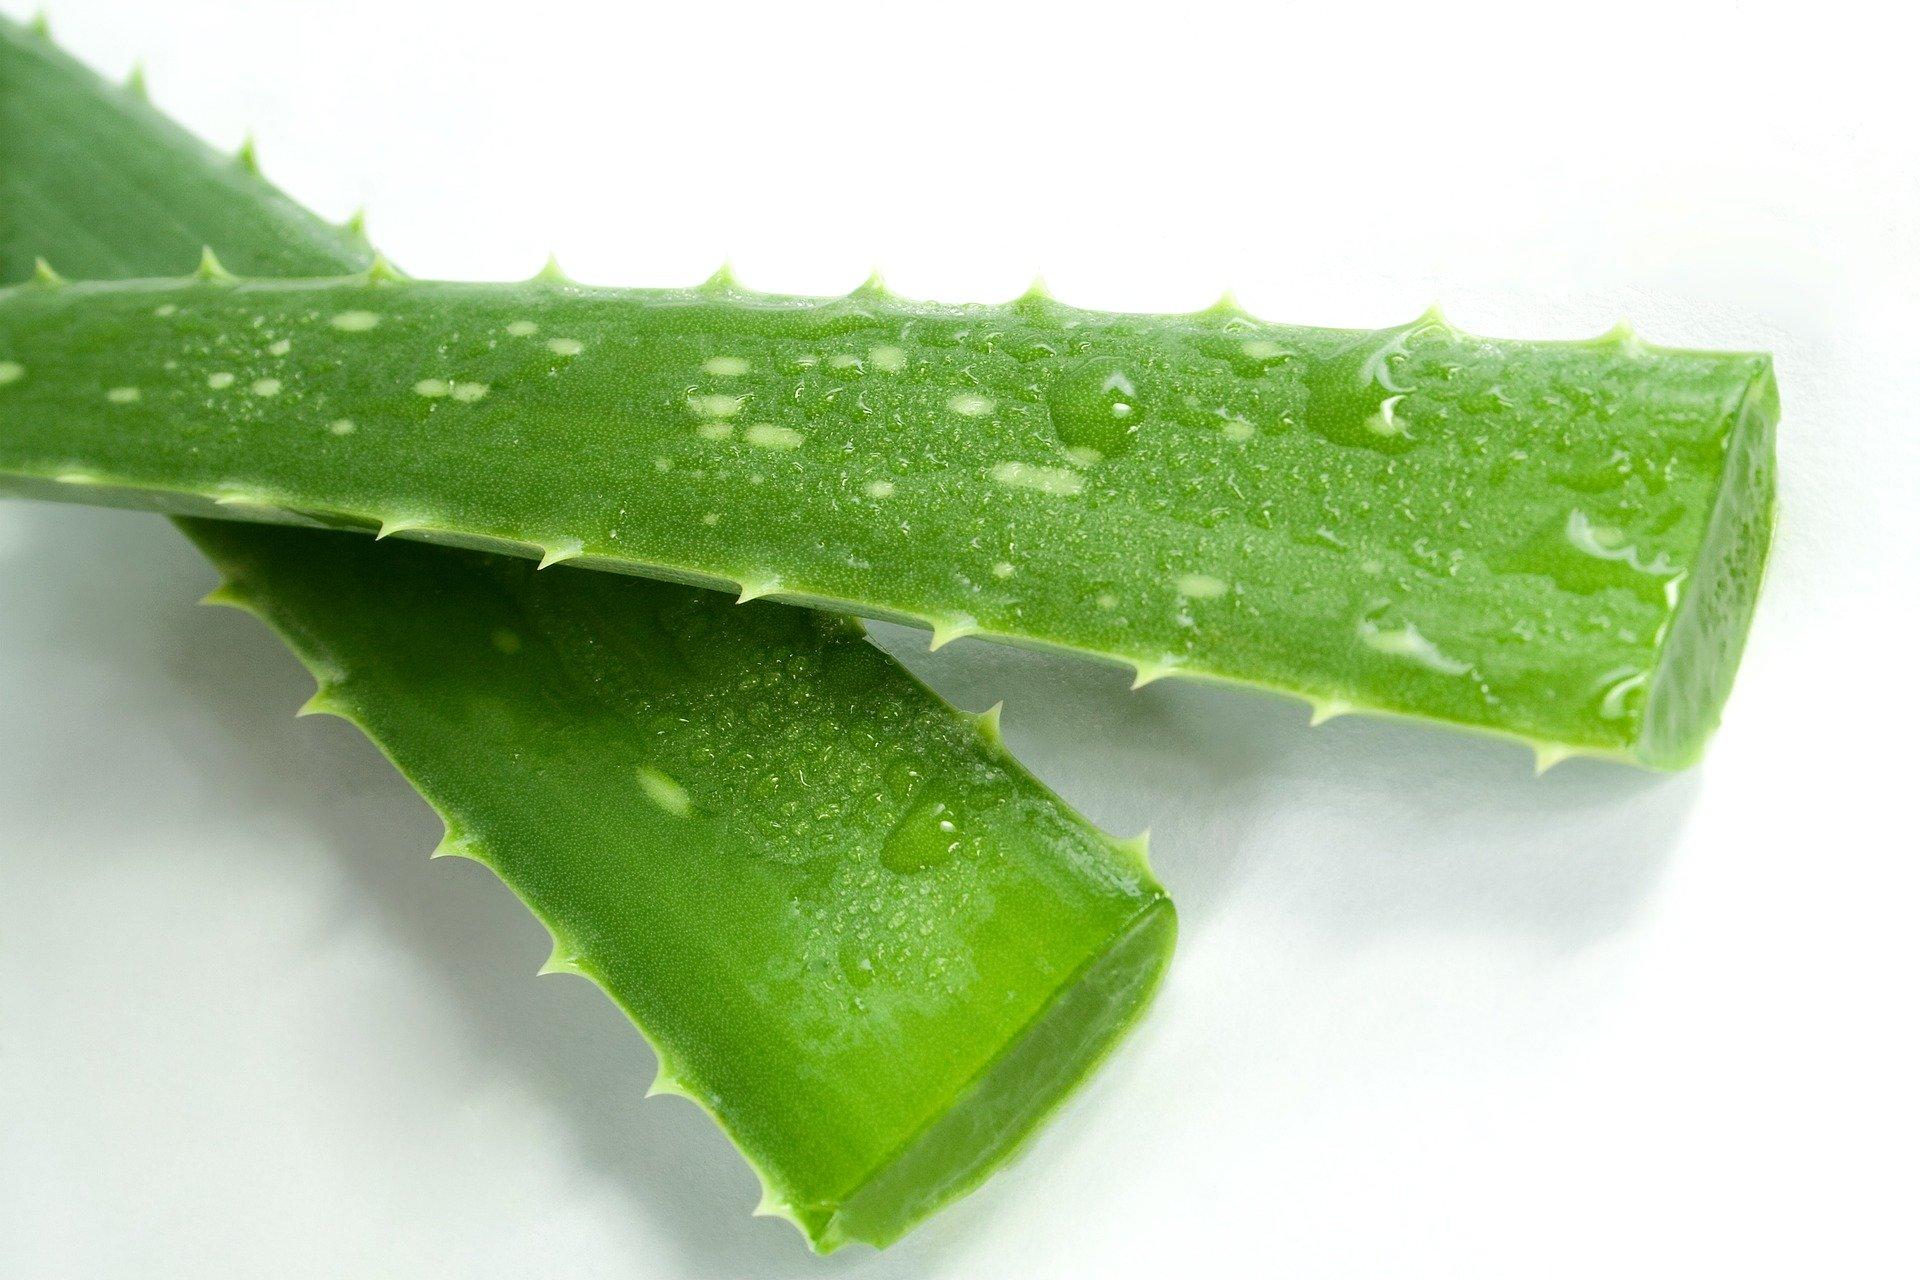 Az Aloe Vera növény